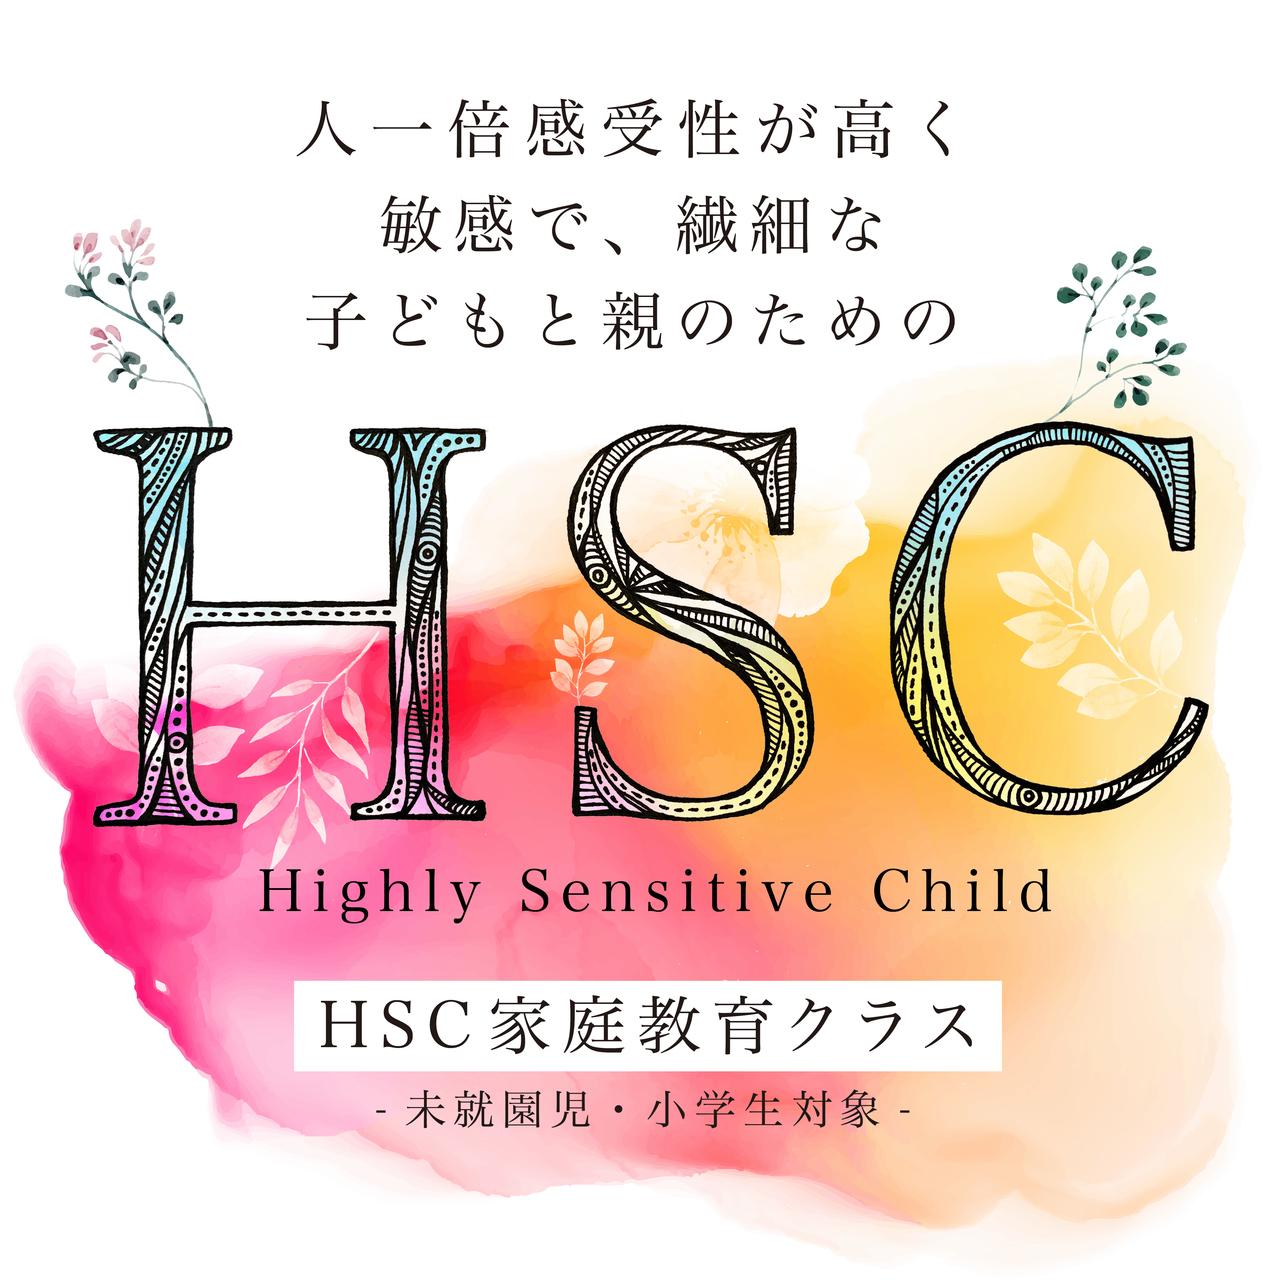 【未就学児〜小学生の保護者対象】HSCの特性を持つ子どものパパ・ママお話会